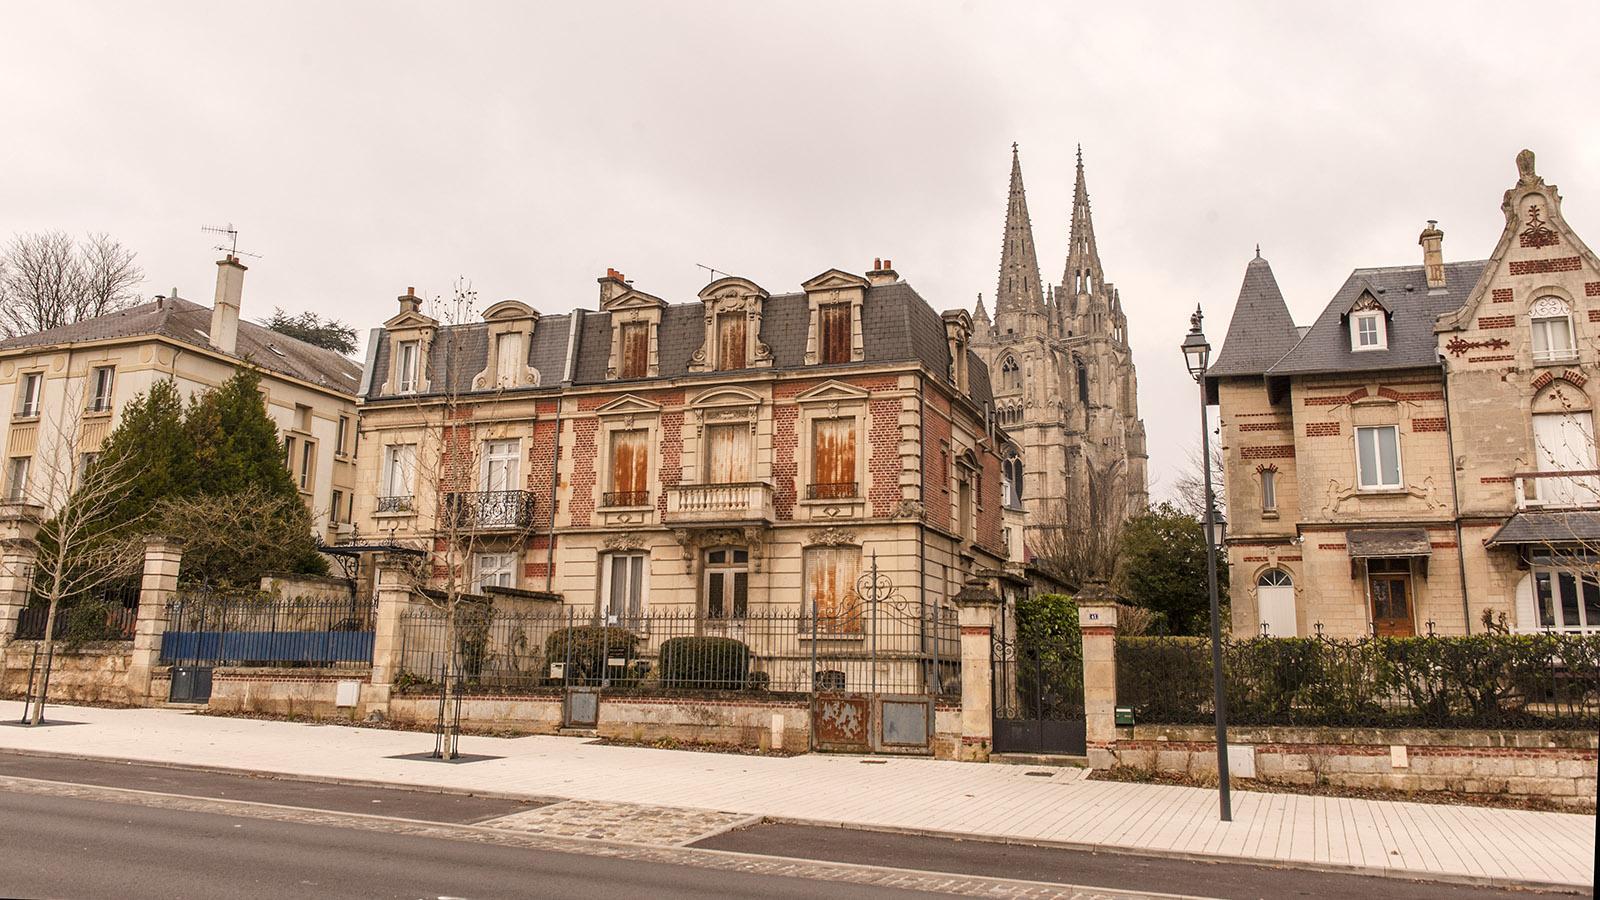 Der Boulevard Jeanne d'Arc mit gründerzeitlichen Alterssitzen. Foto: Hilke Maunder